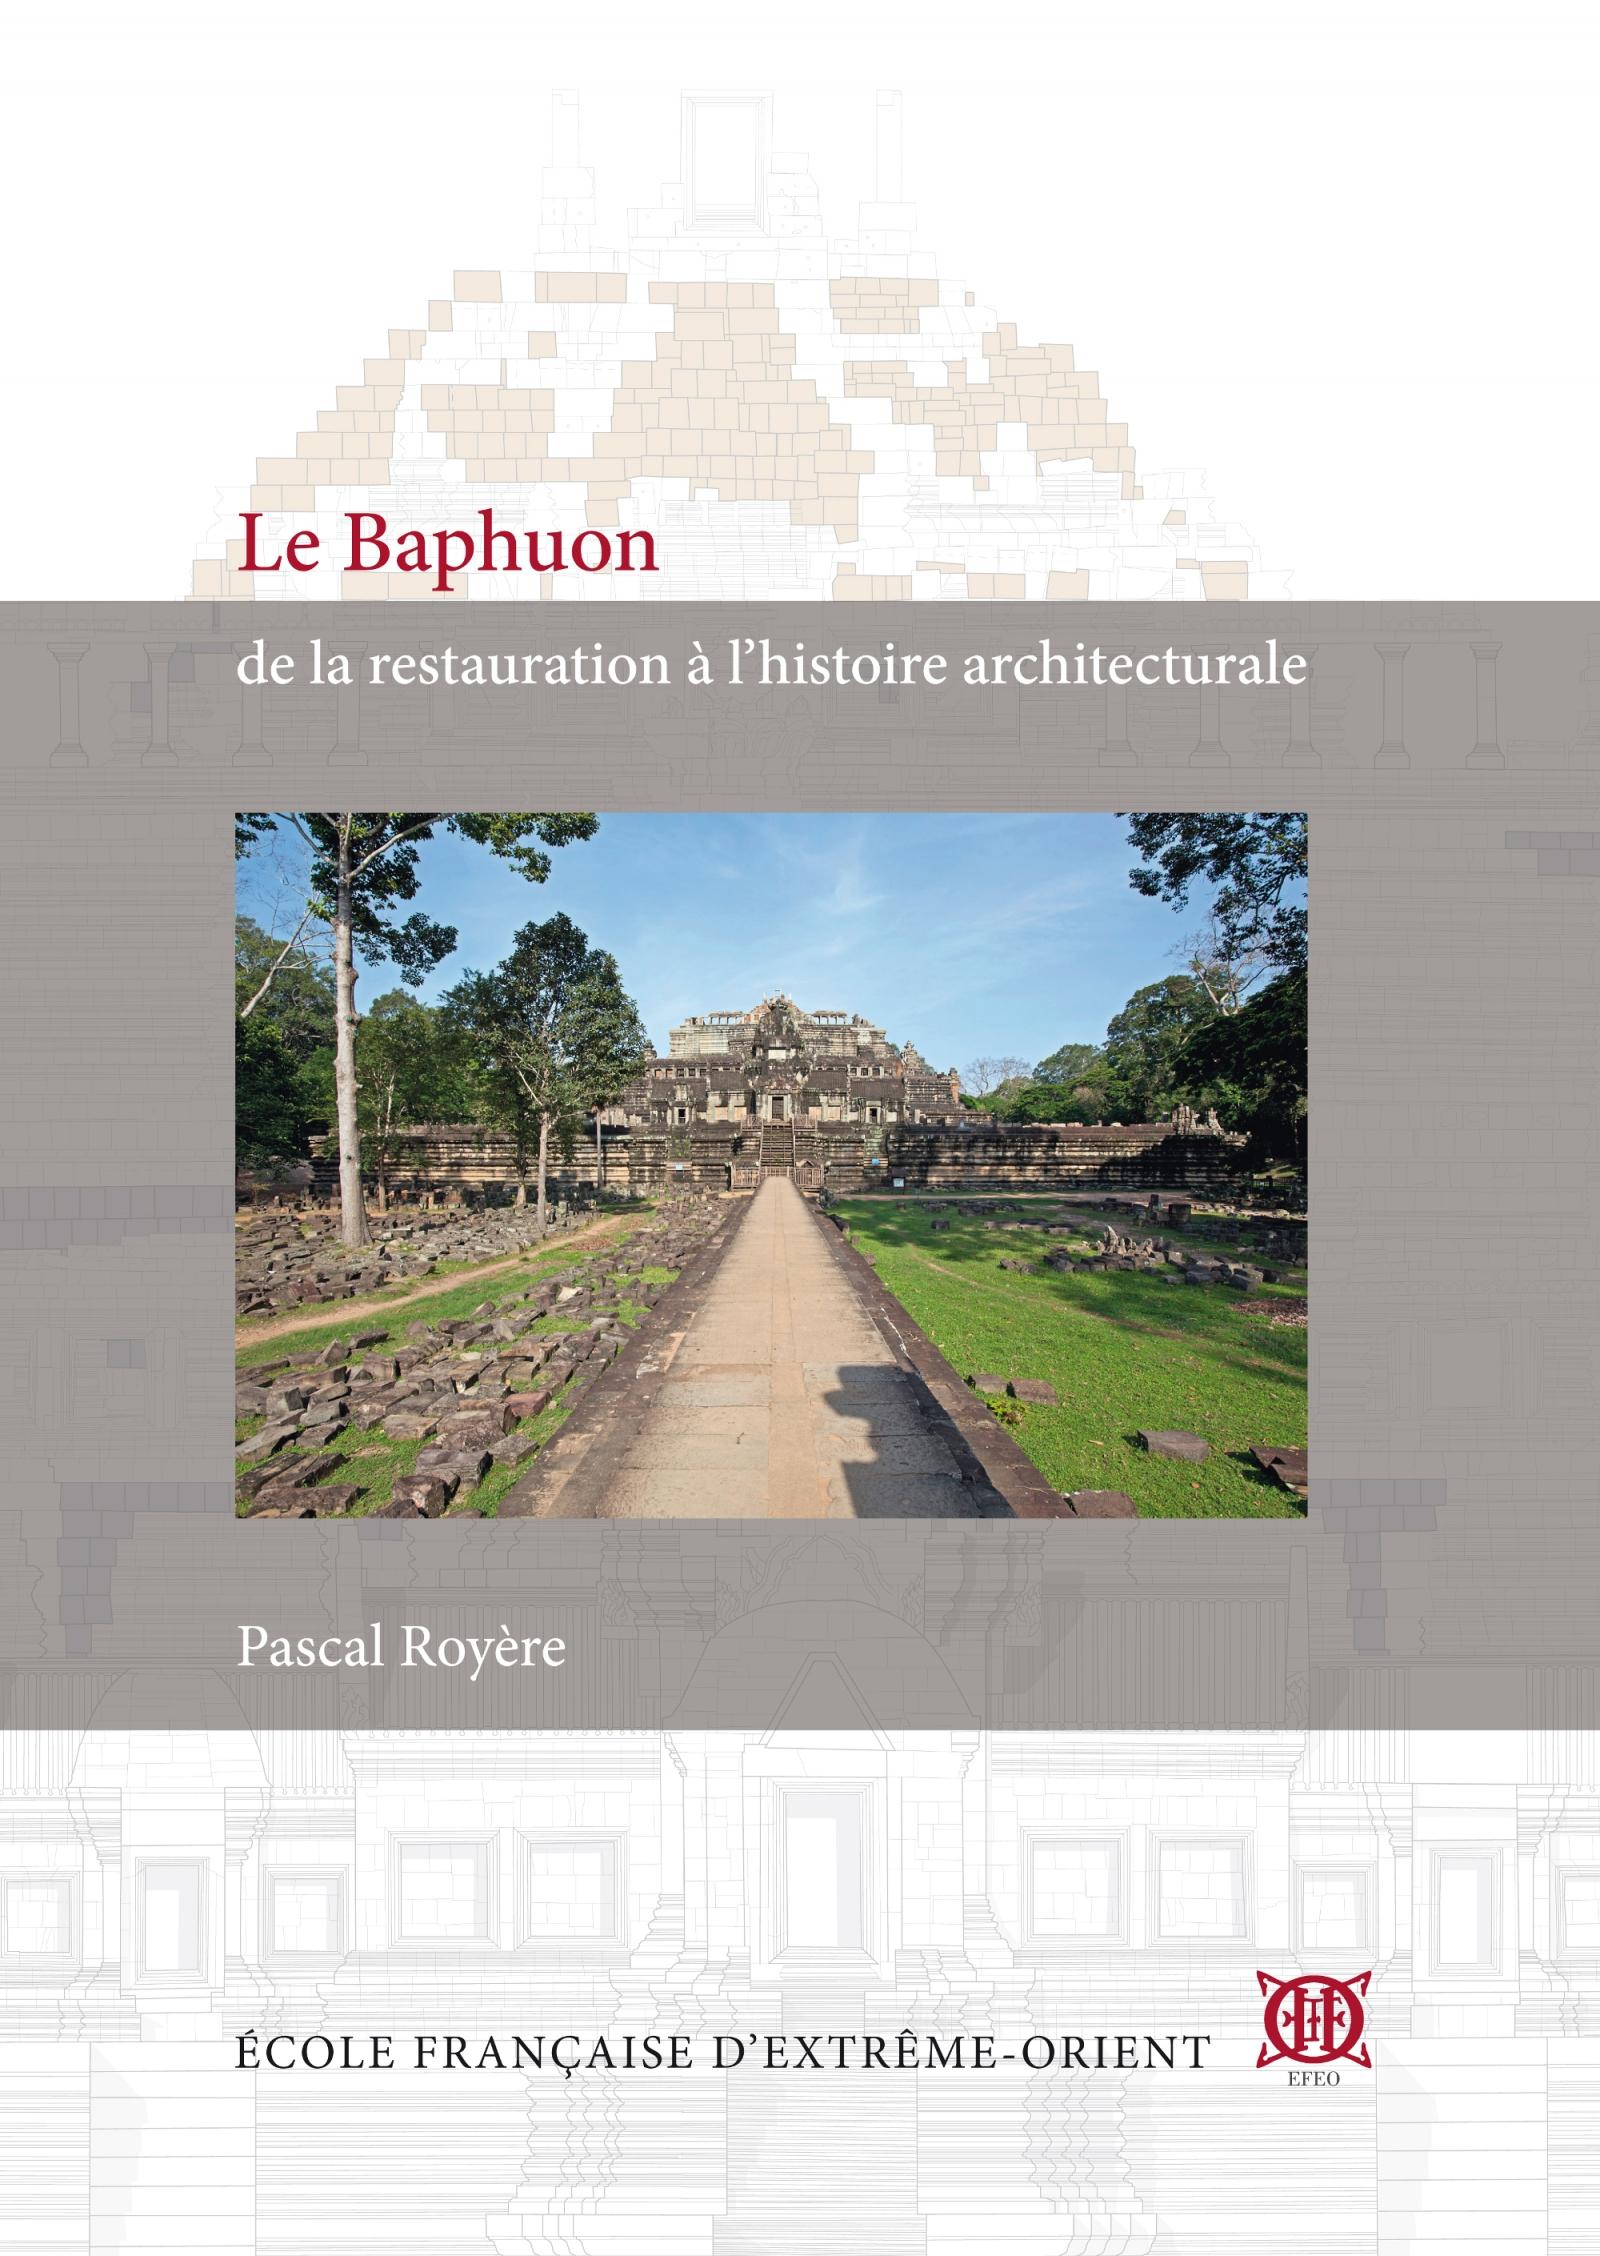 Le Baphuon